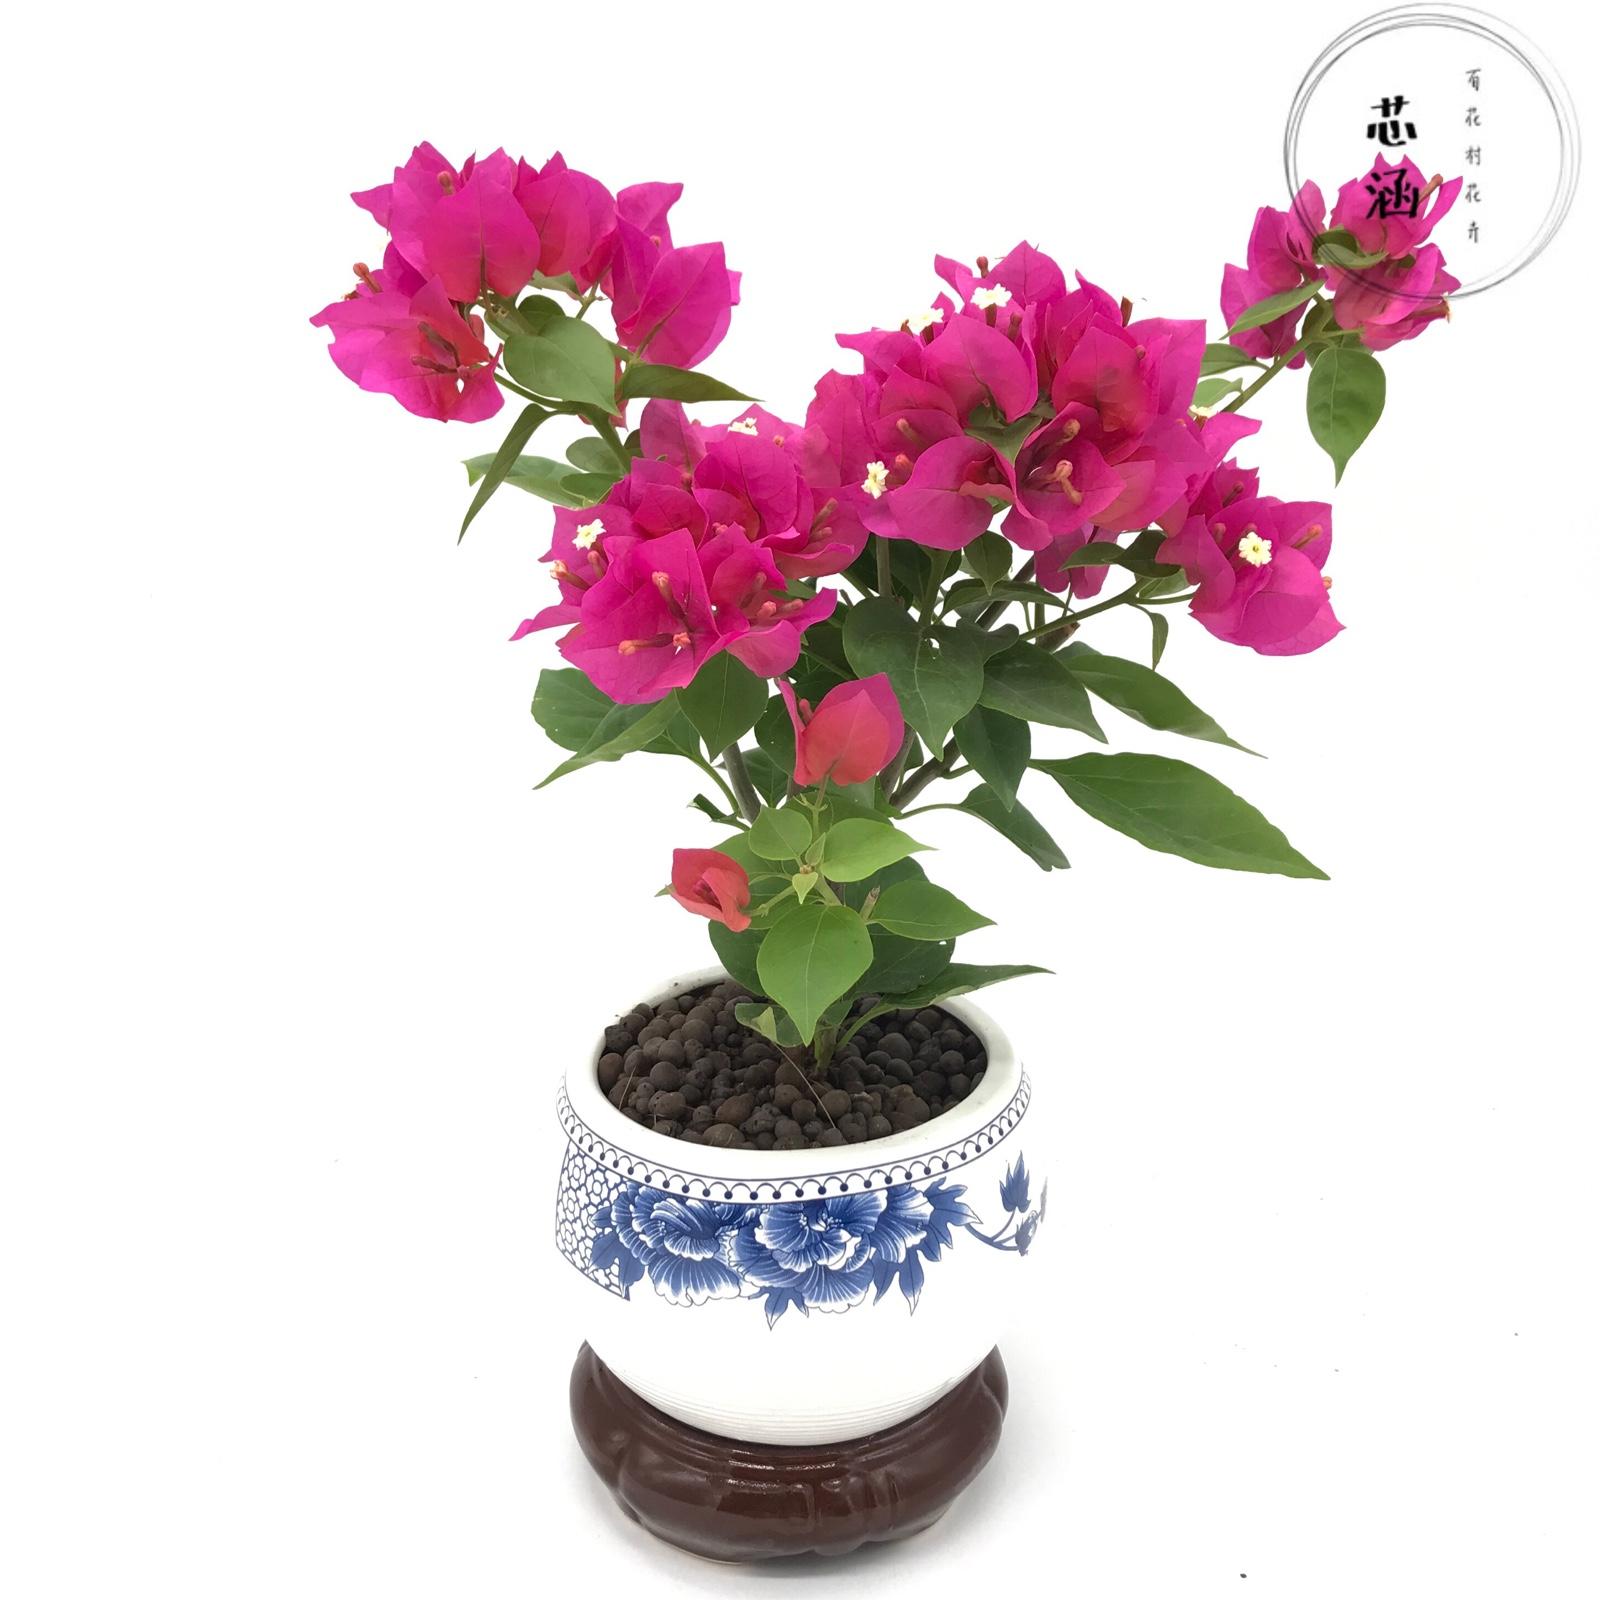 三角梅盆景不断四季常青开花花卉盆栽庭院室外木本植物潮州红阳台